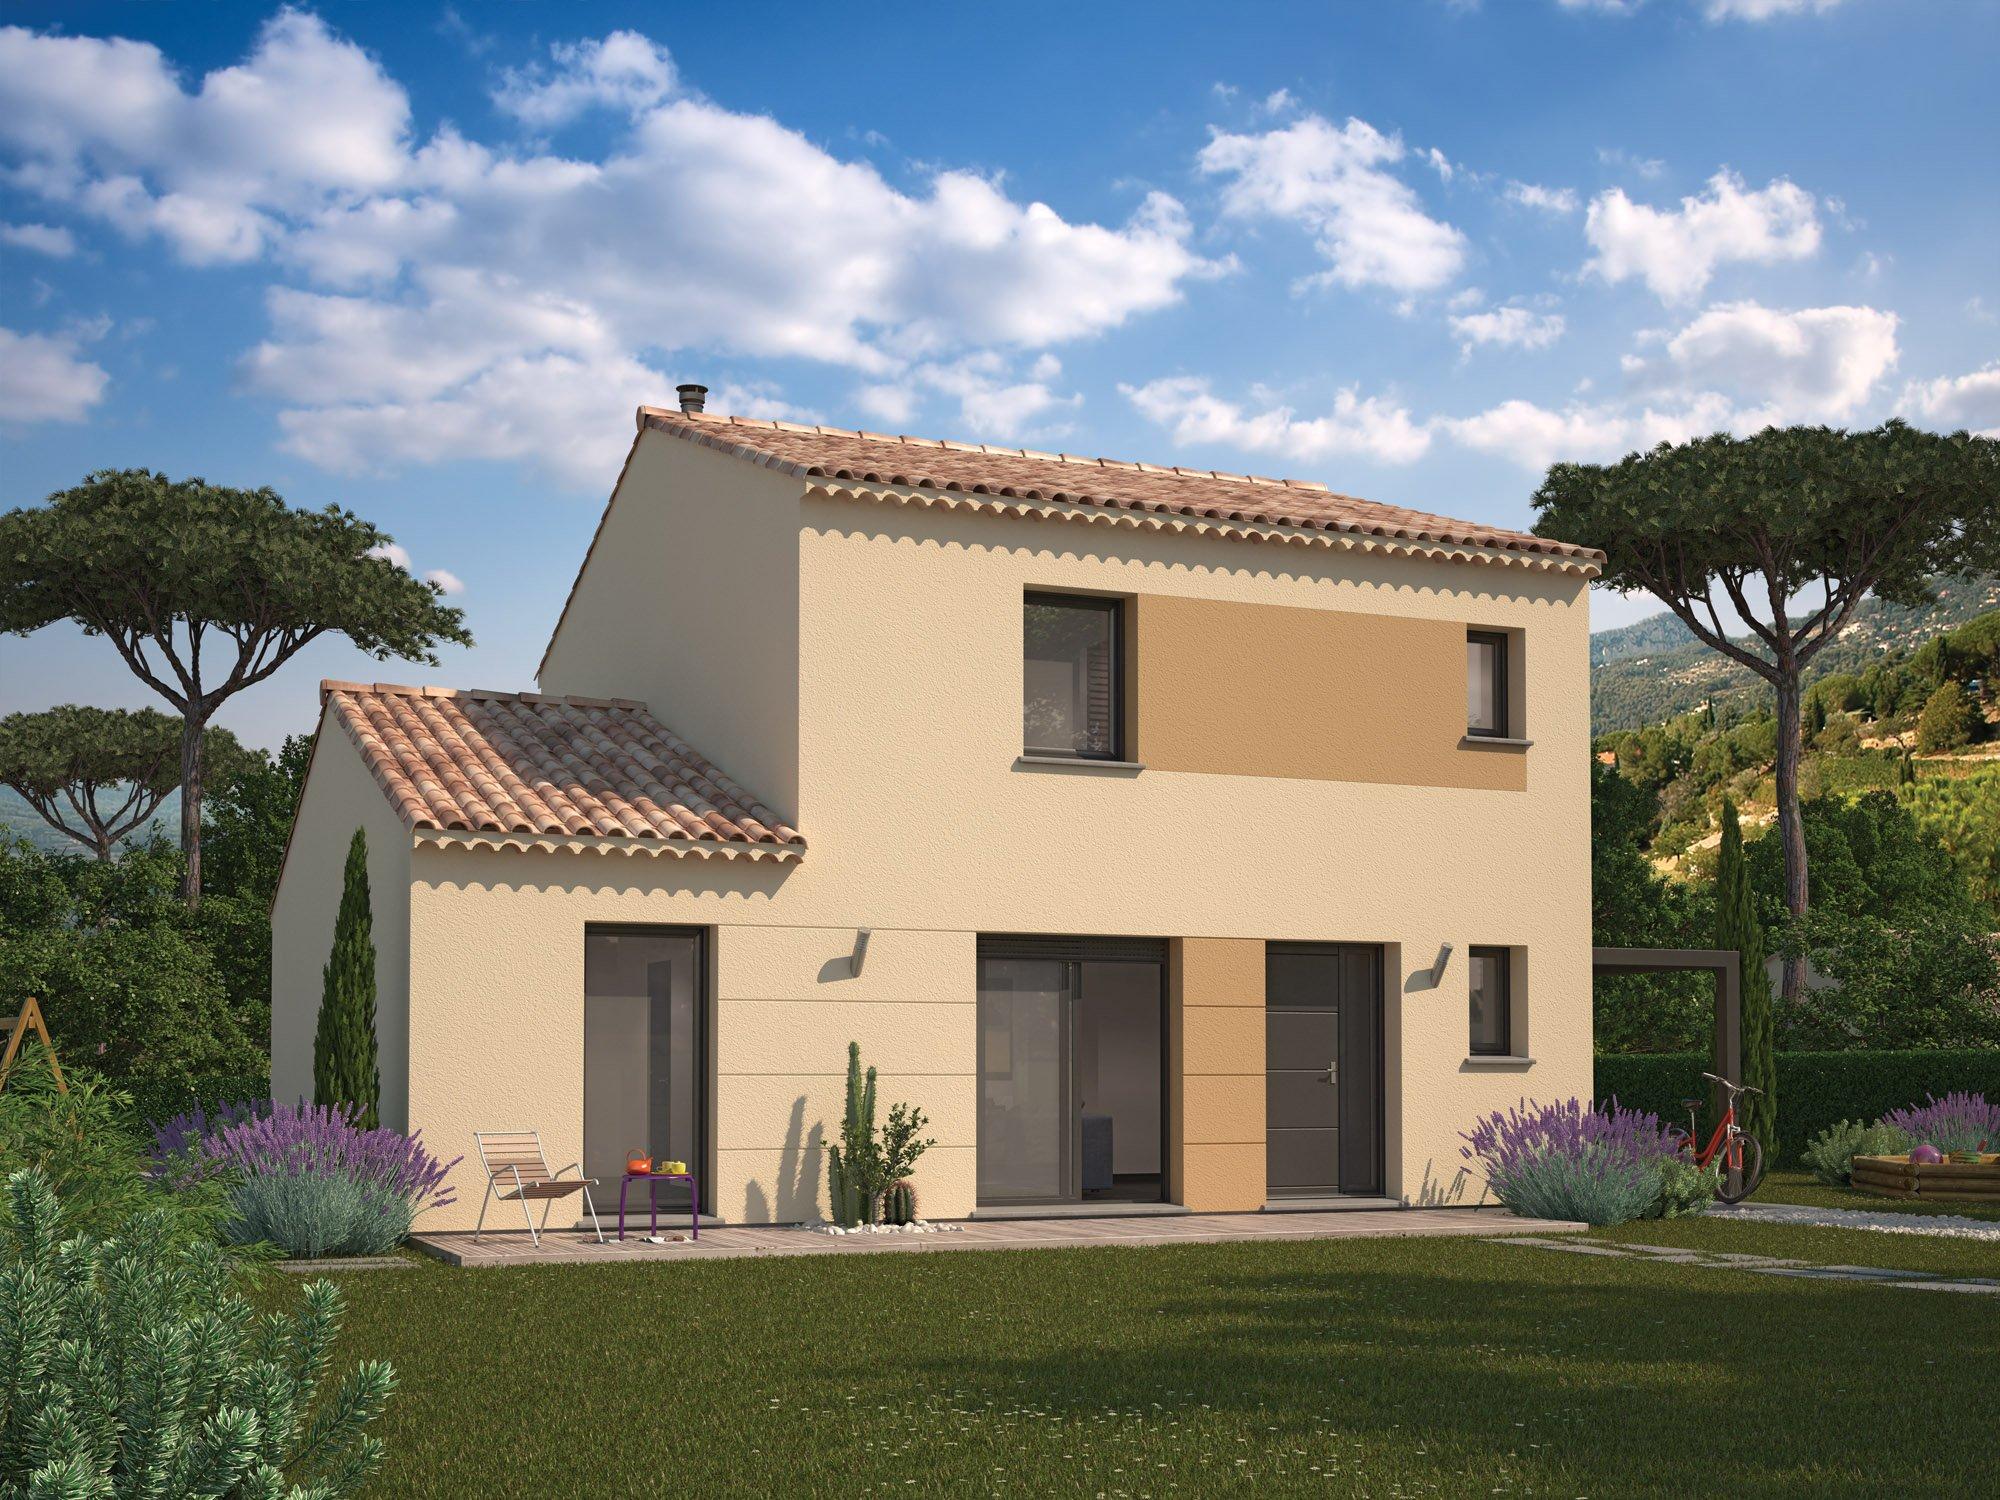 Maisons + Terrains du constructeur Maison Familiale Toulouse • 113 m² • GRENADE